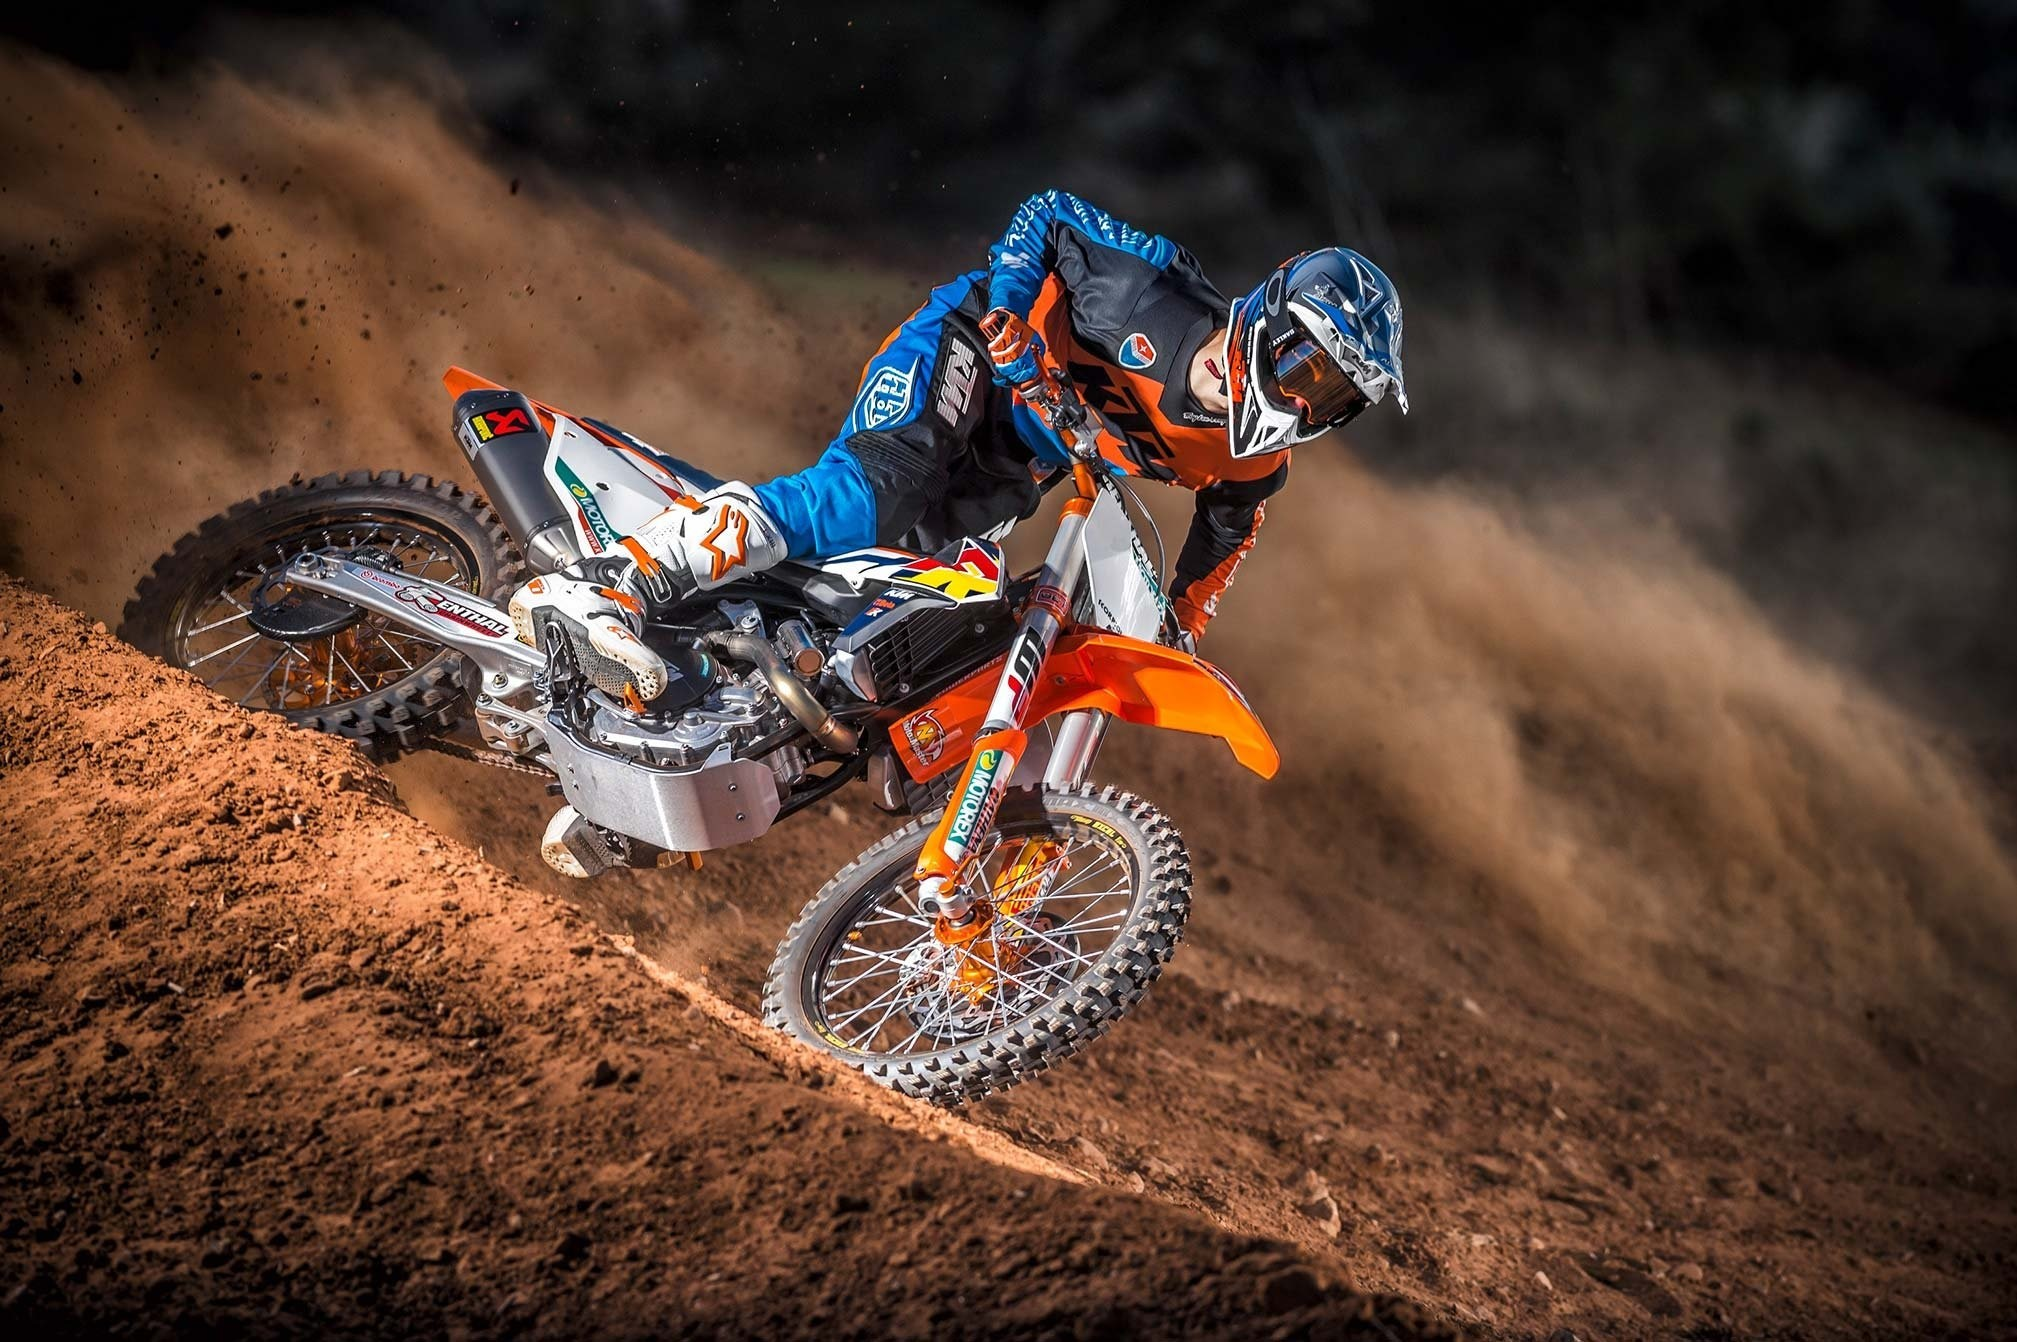 Wallpaper Motocross Ktm 78 Images